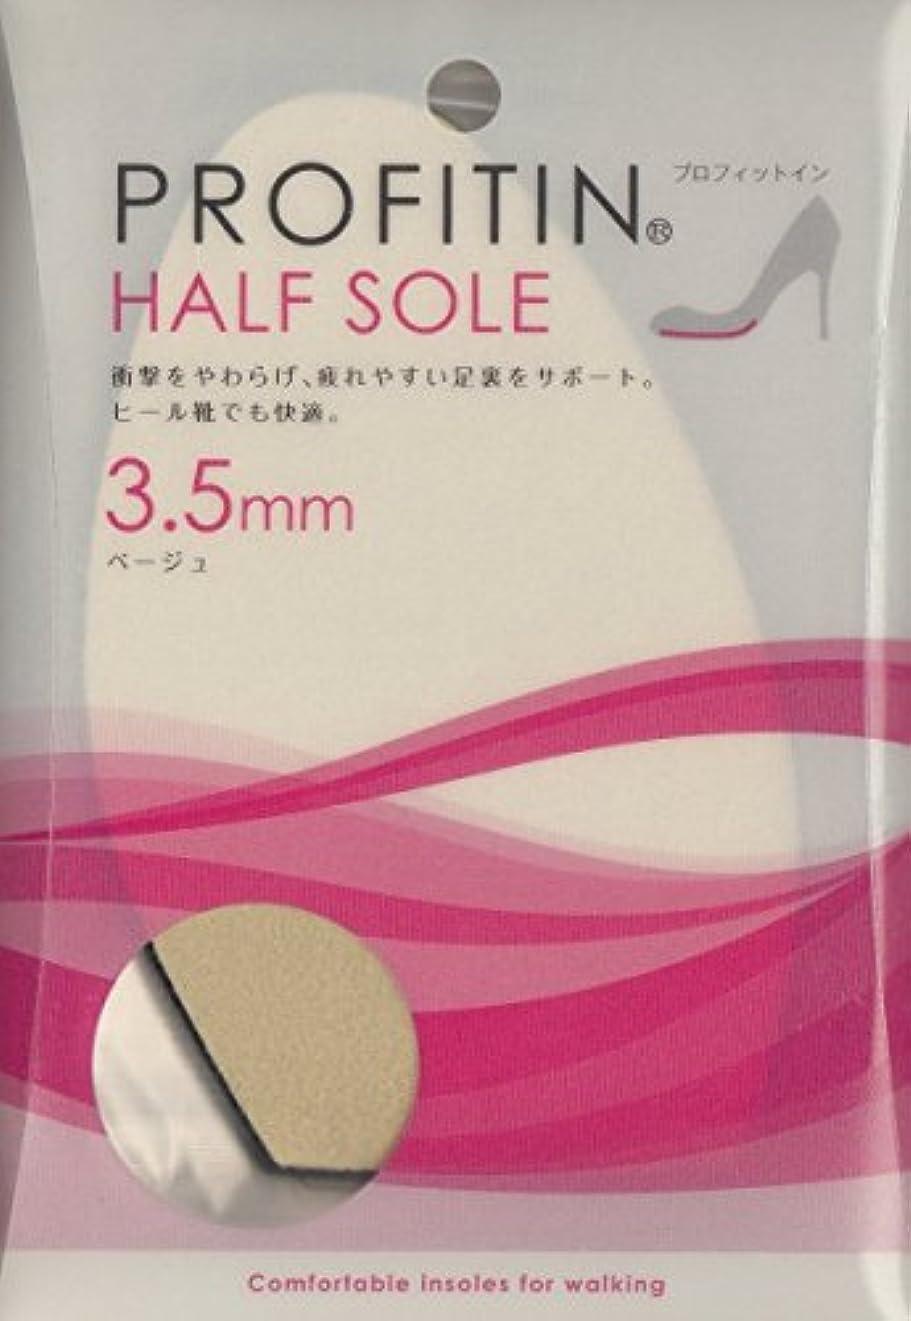 解き明かすサンプル反逆靴やブーツの細かいサイズ調整に「PROFITIN HALF SOLE」 (3.5mm, ベージュ)